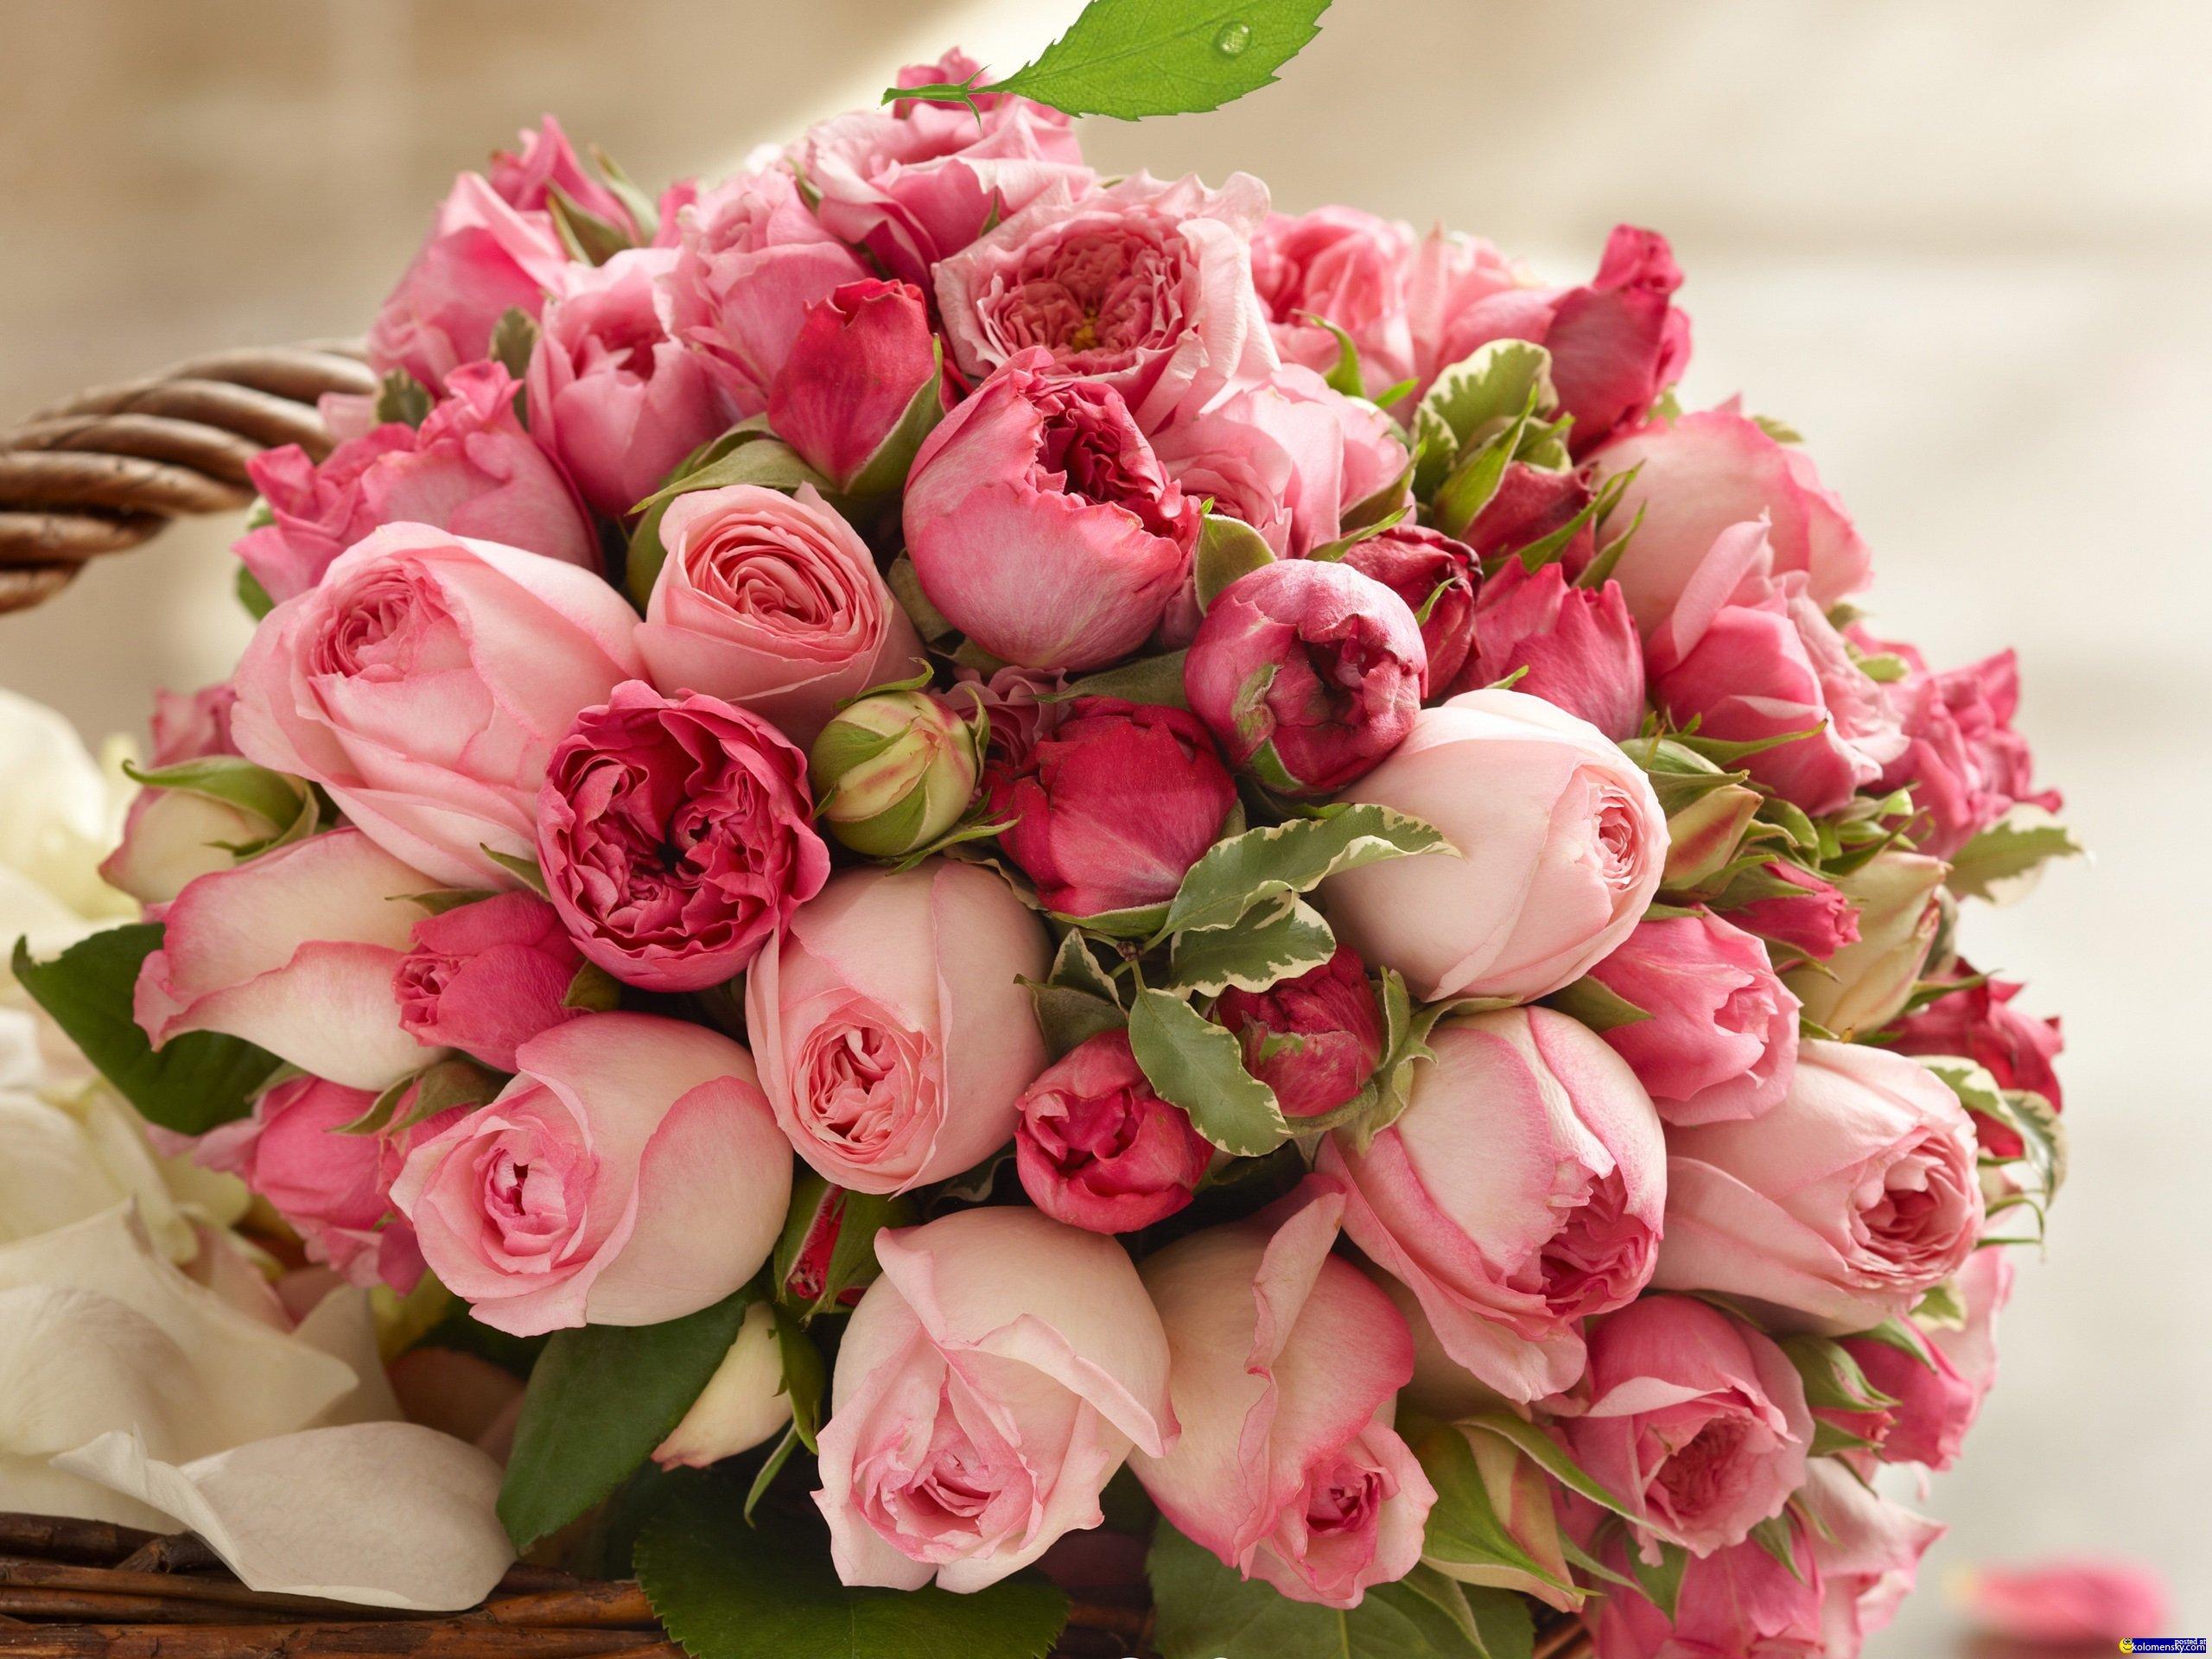 шикарный букет цветов картинка